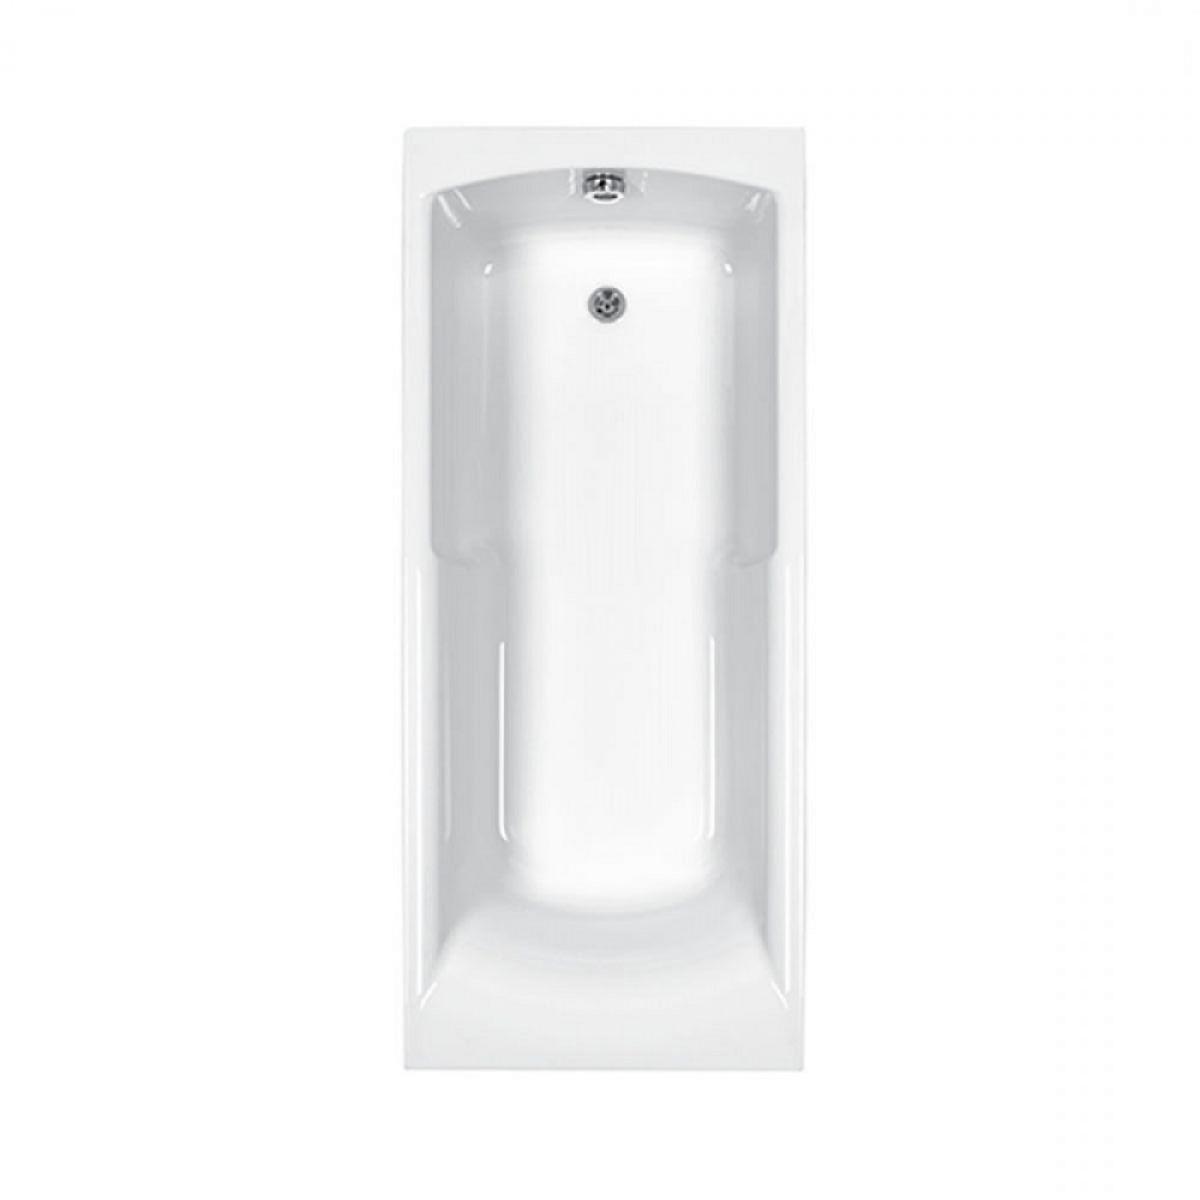 Carron Axis Easy Access Single Ended Bath